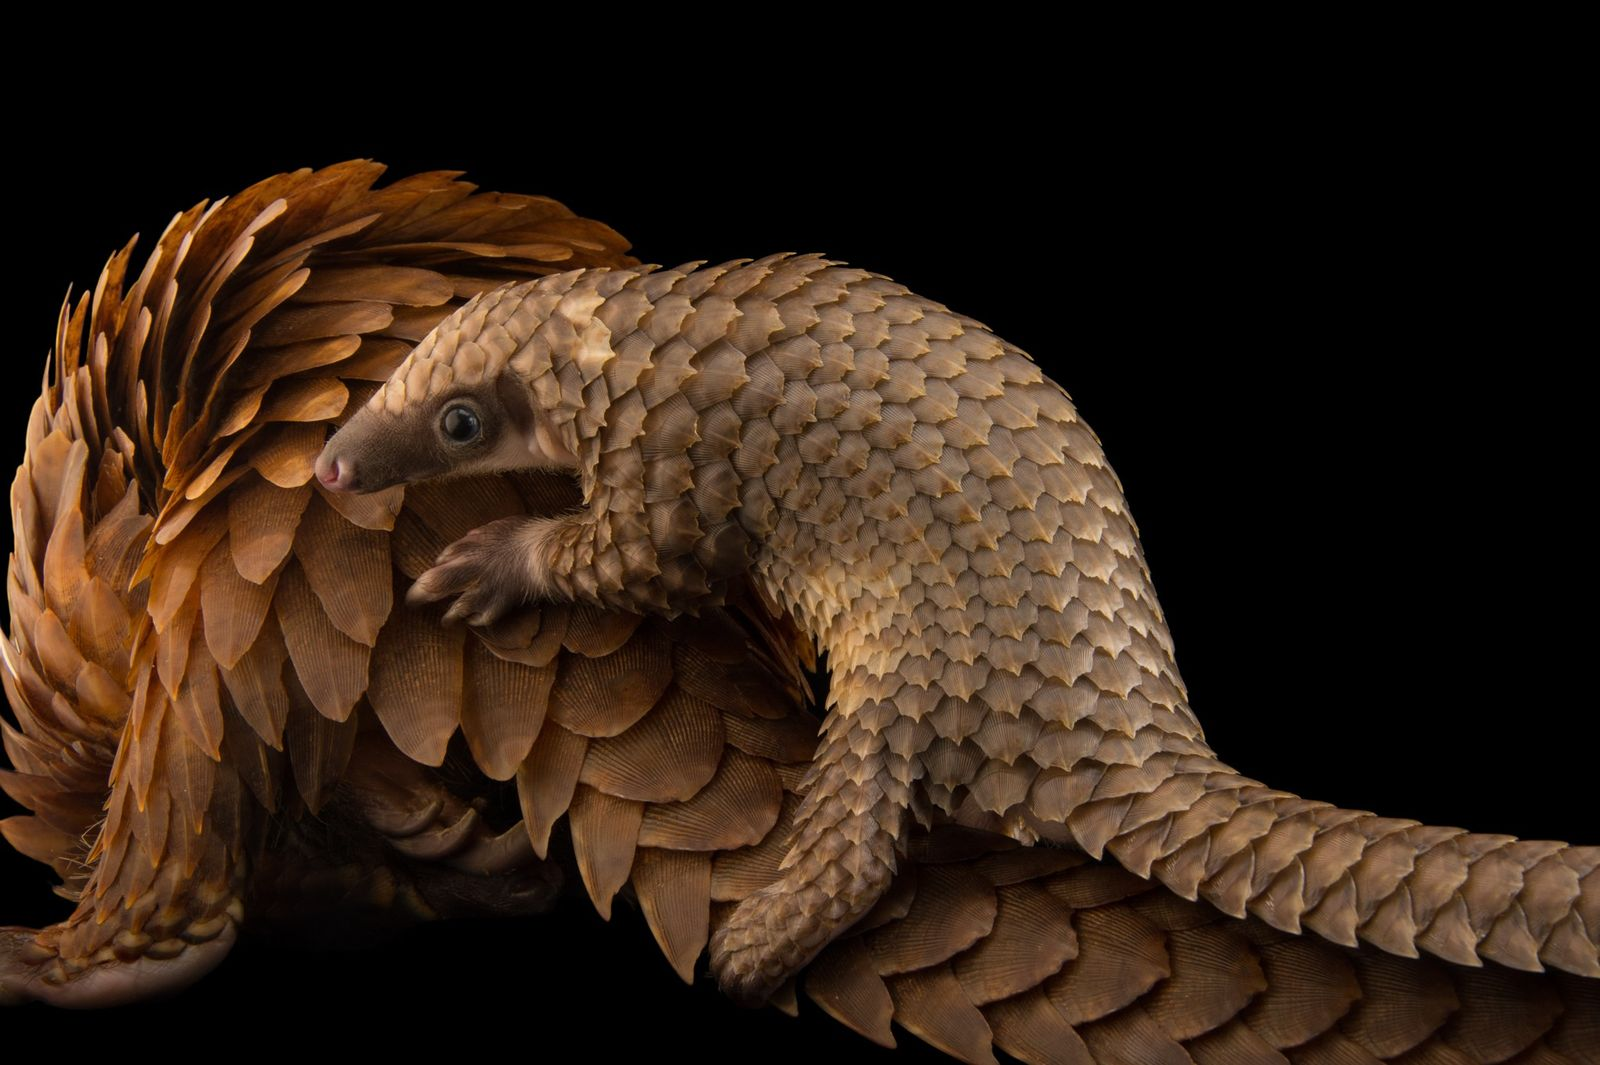 ST. AUGUSTINE, EUA – Joel Sartore, sediado no Nebraska, passou quase 15 anos a fotografar animais ...